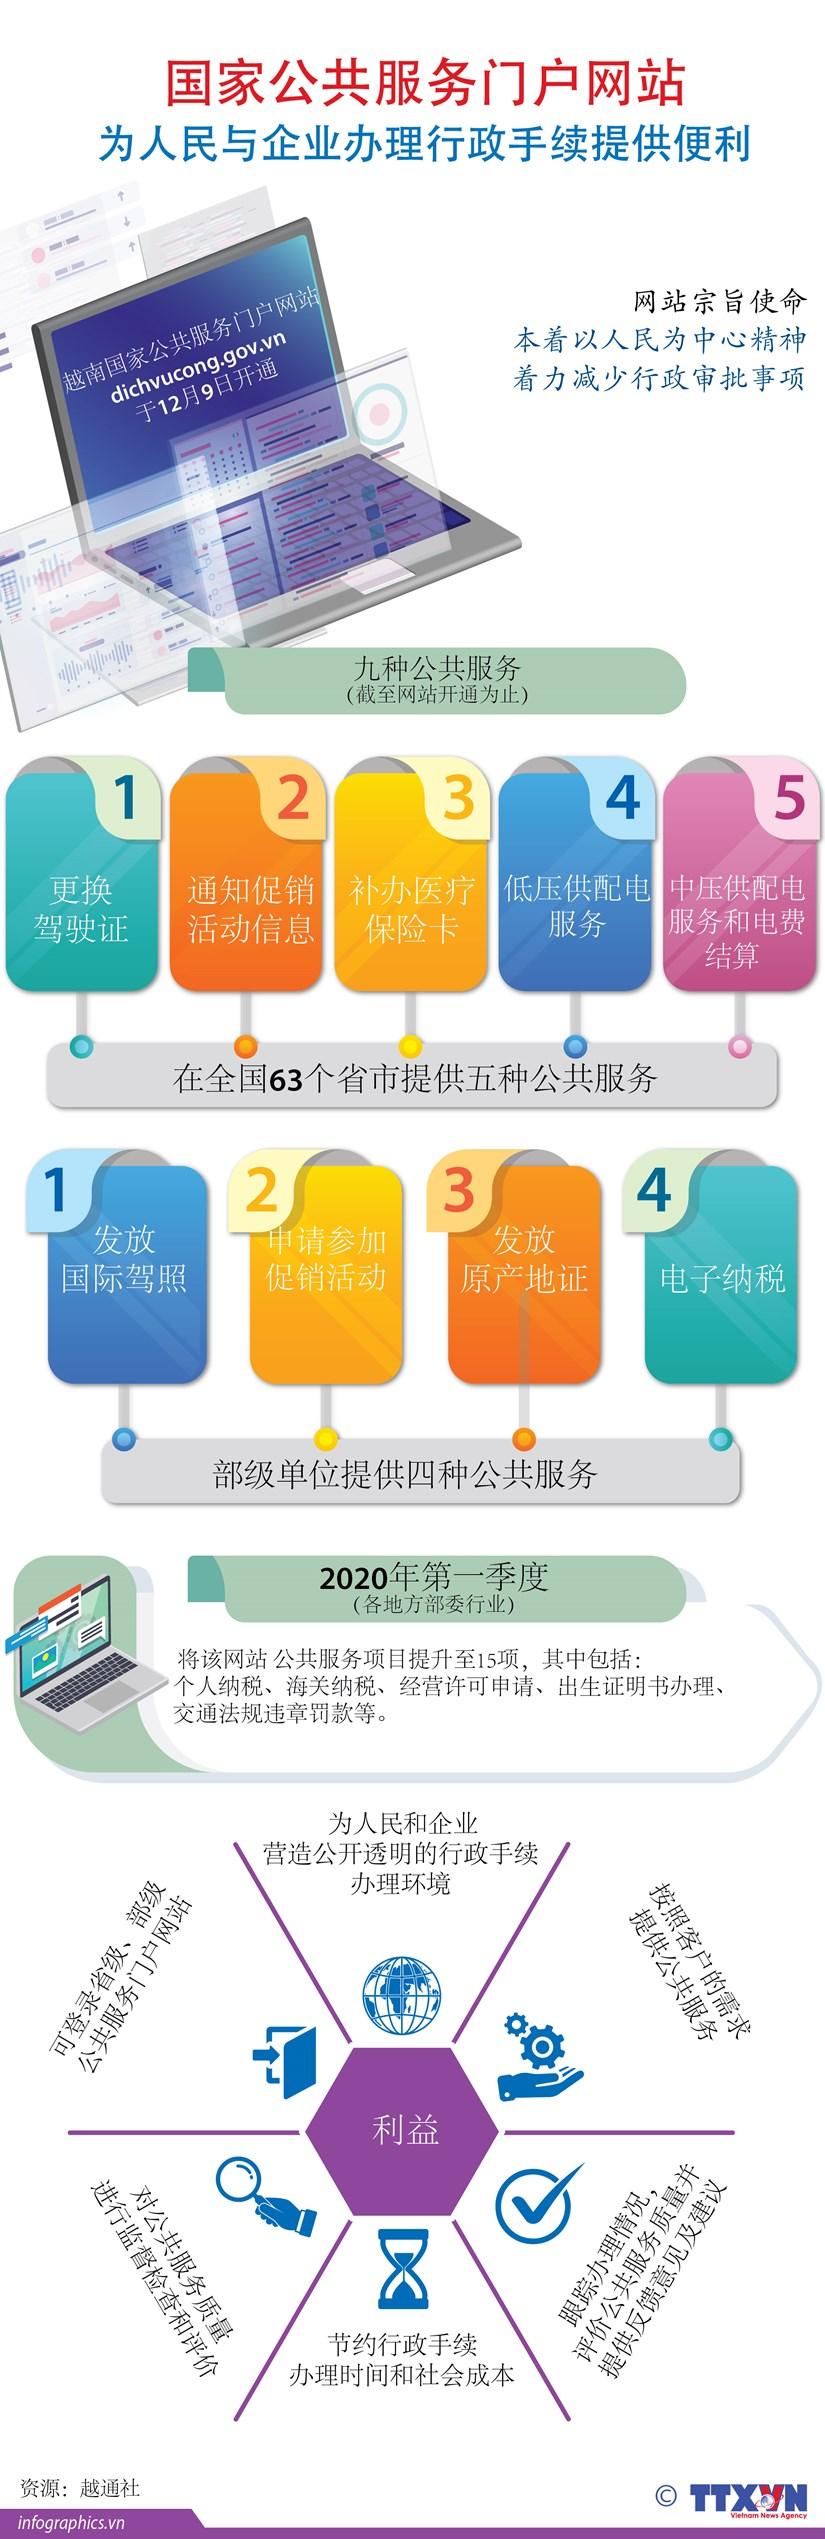 图表新闻:越南国家公共服务门户网站 为人民与企业办理行政手续提供便利 hinh anh 1